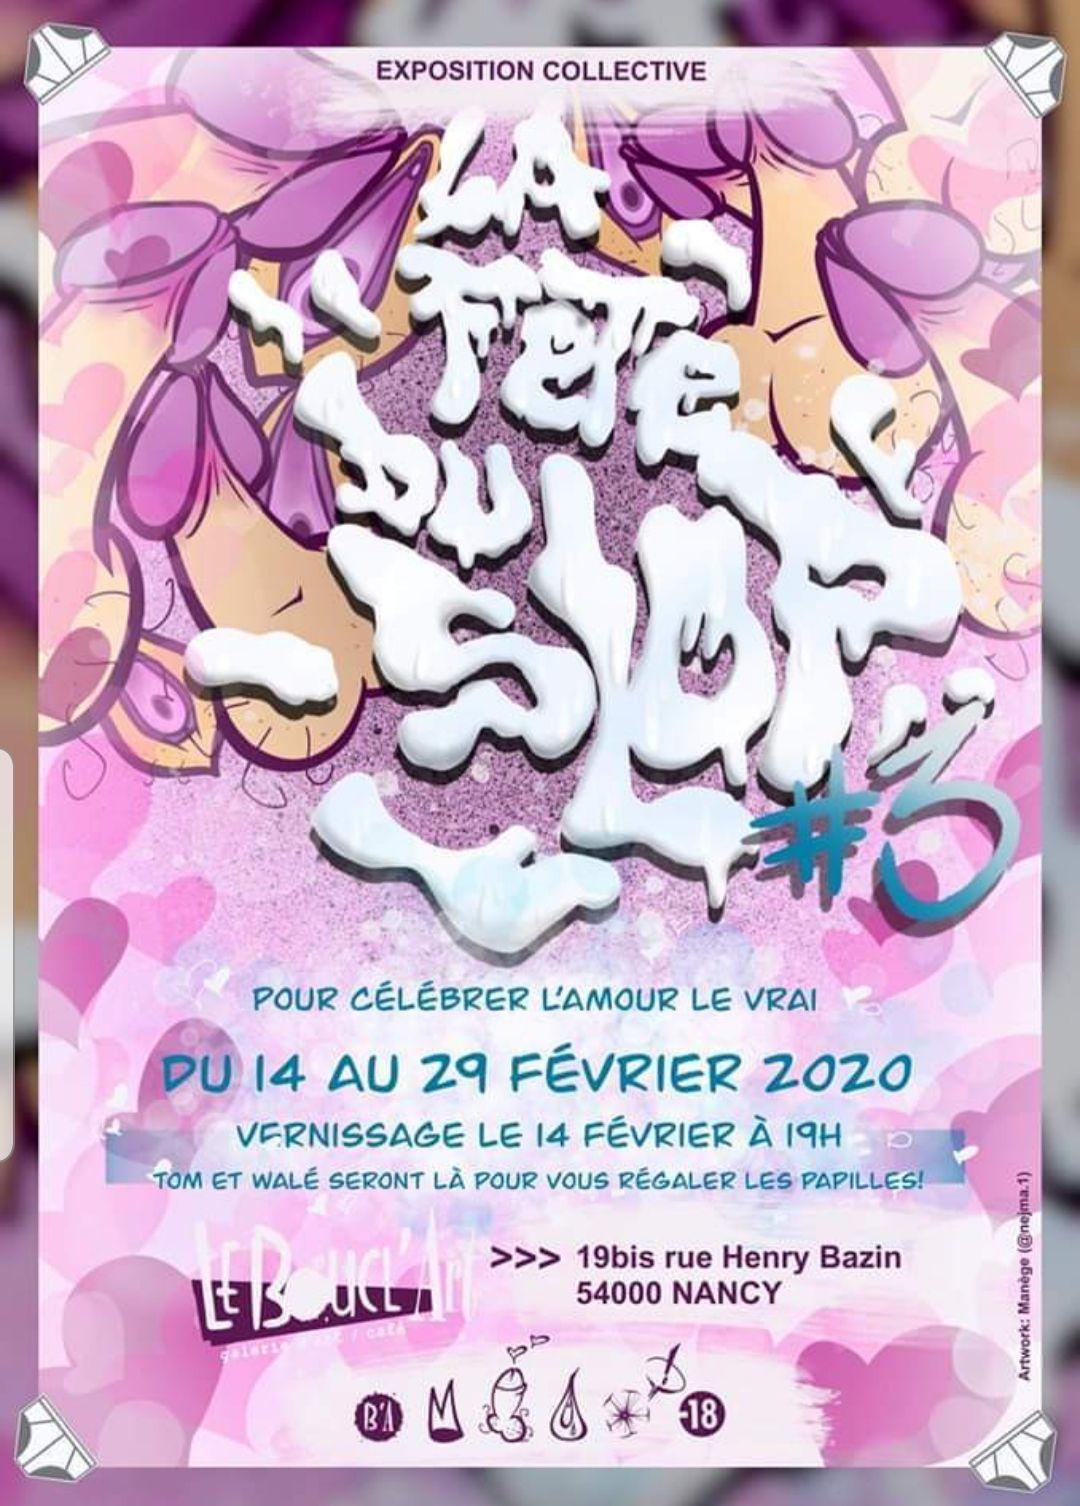 VERNISSAGE DE L'EXPOSITION COLLECTIVE LA FÊTE DU SLOP #3 ! Vendredi 14 Février 2020 à Partir de 19h00 !